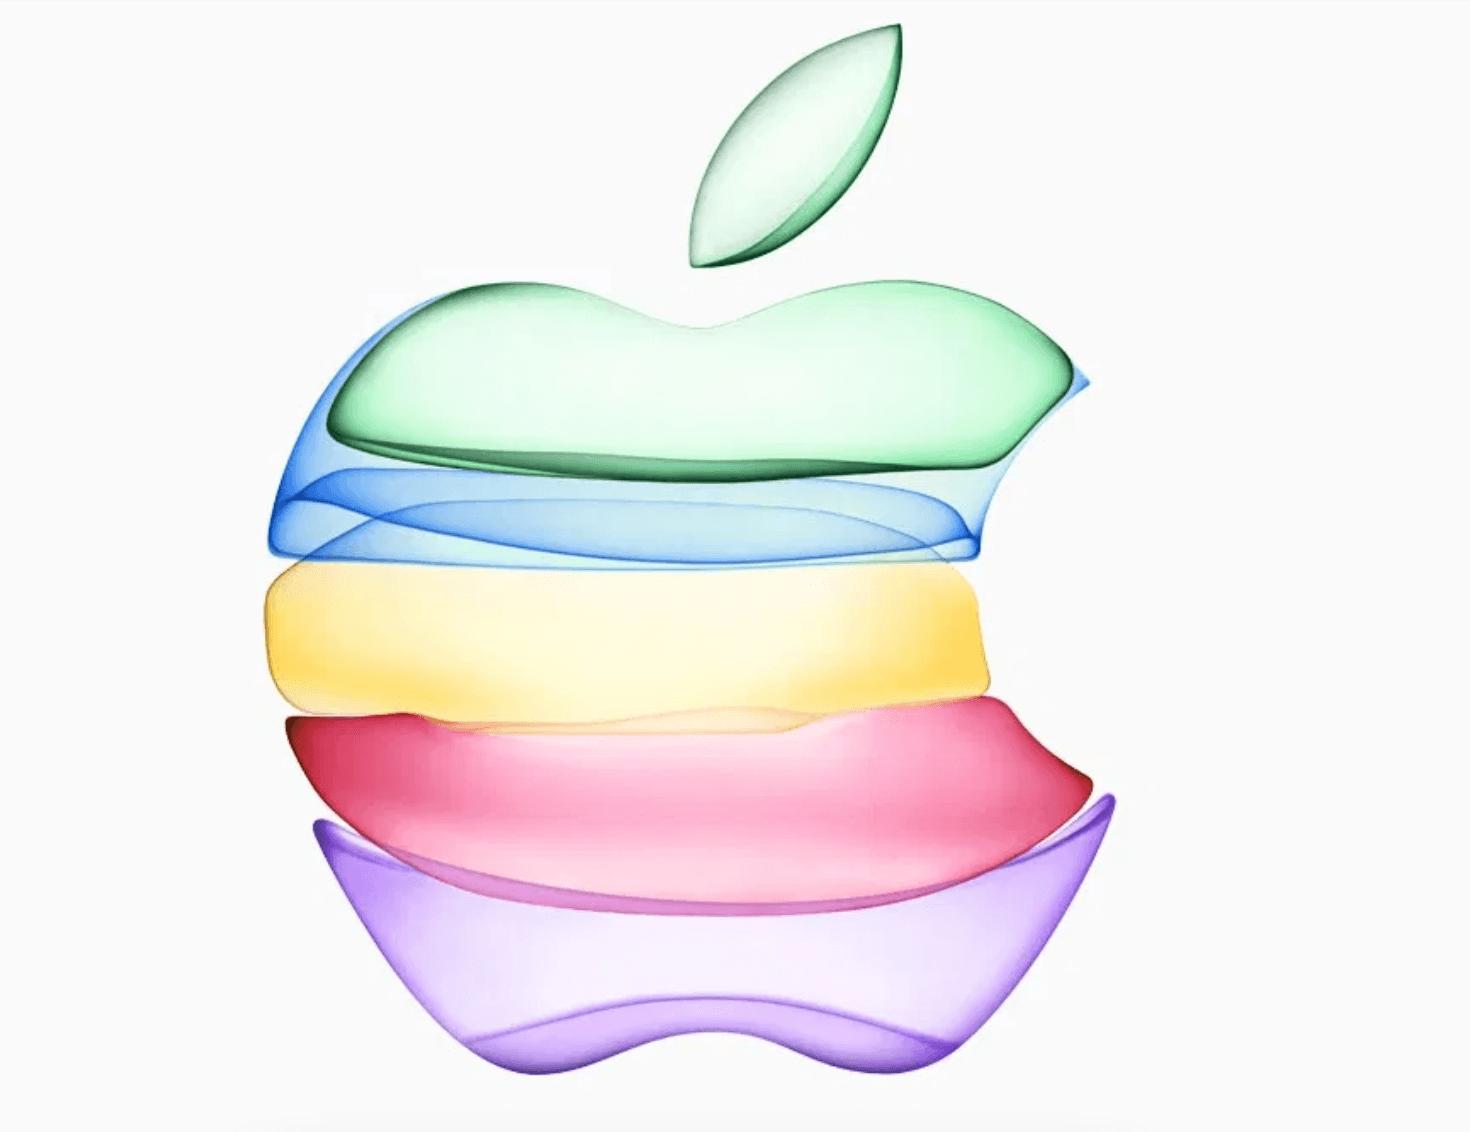 apple patent uygulama tasarımı